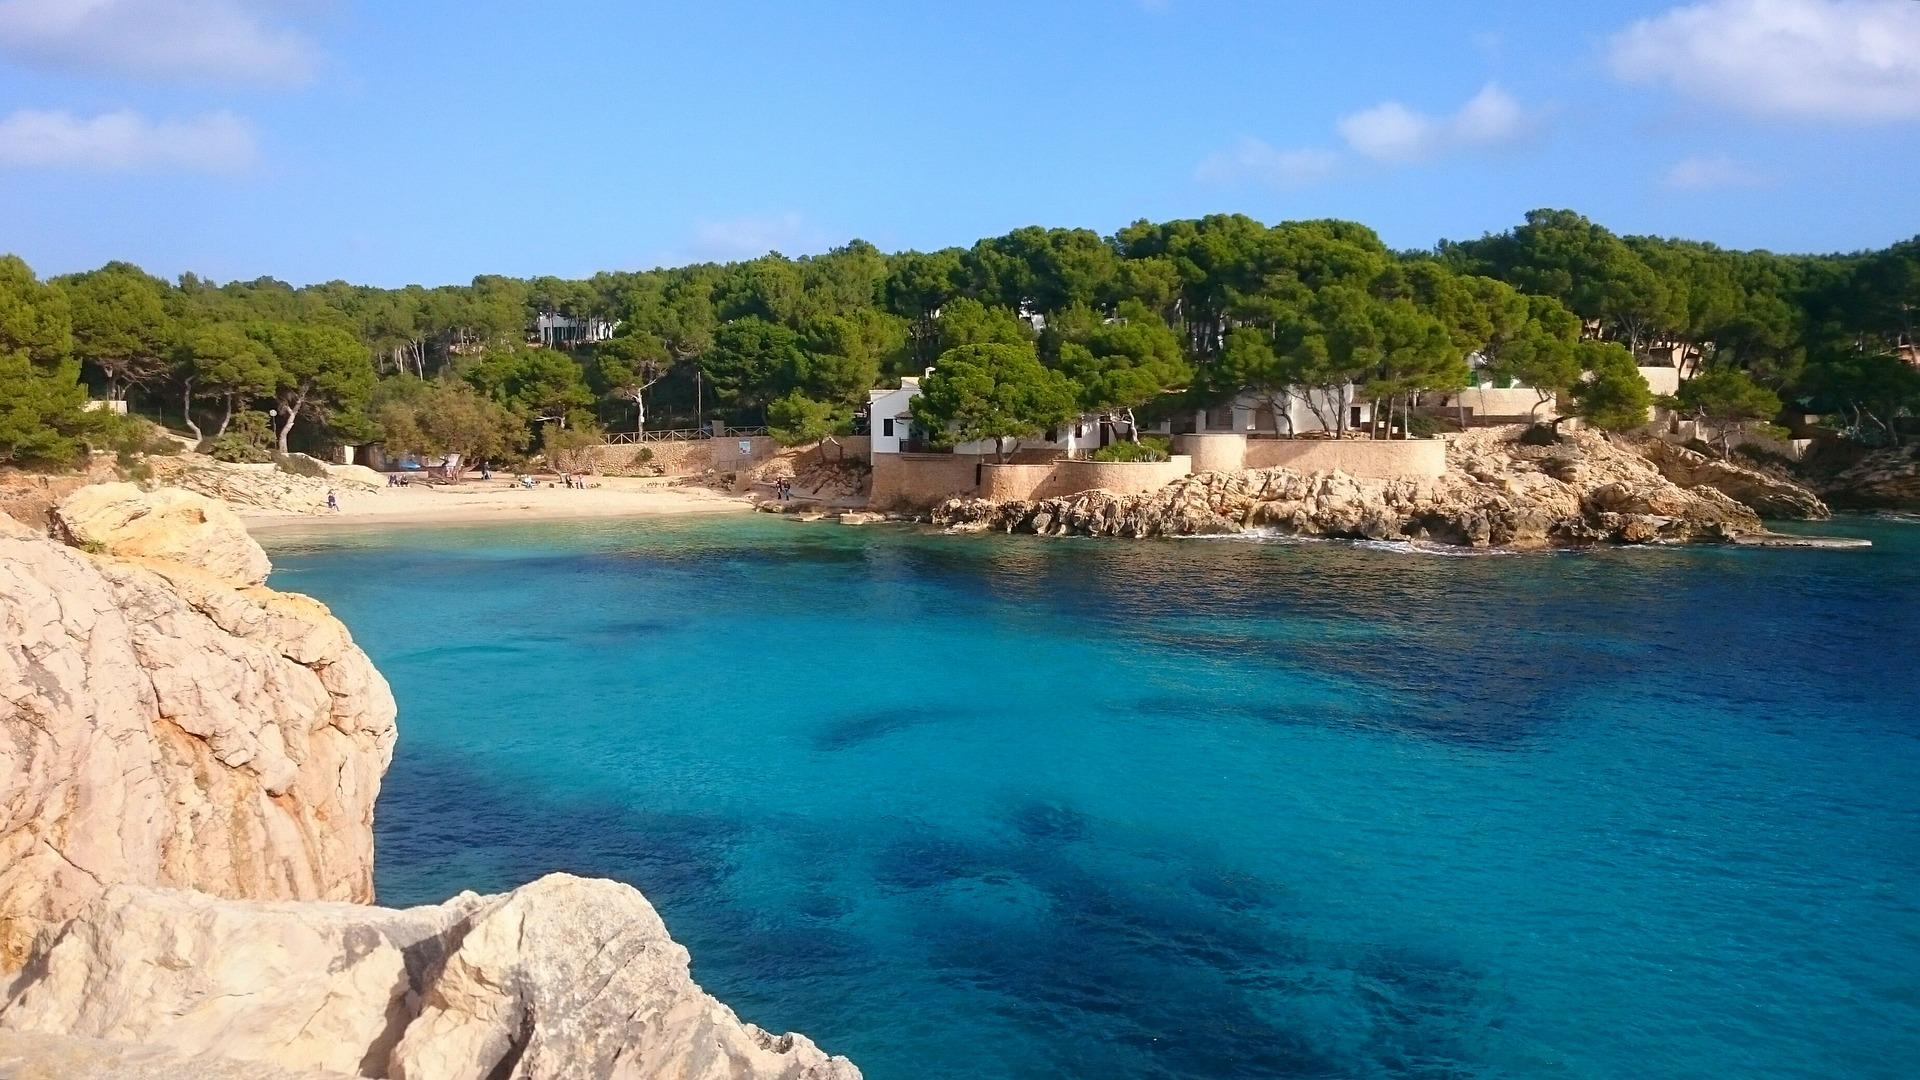 Playa de Muro reisen sie in den Nordosten der Insel